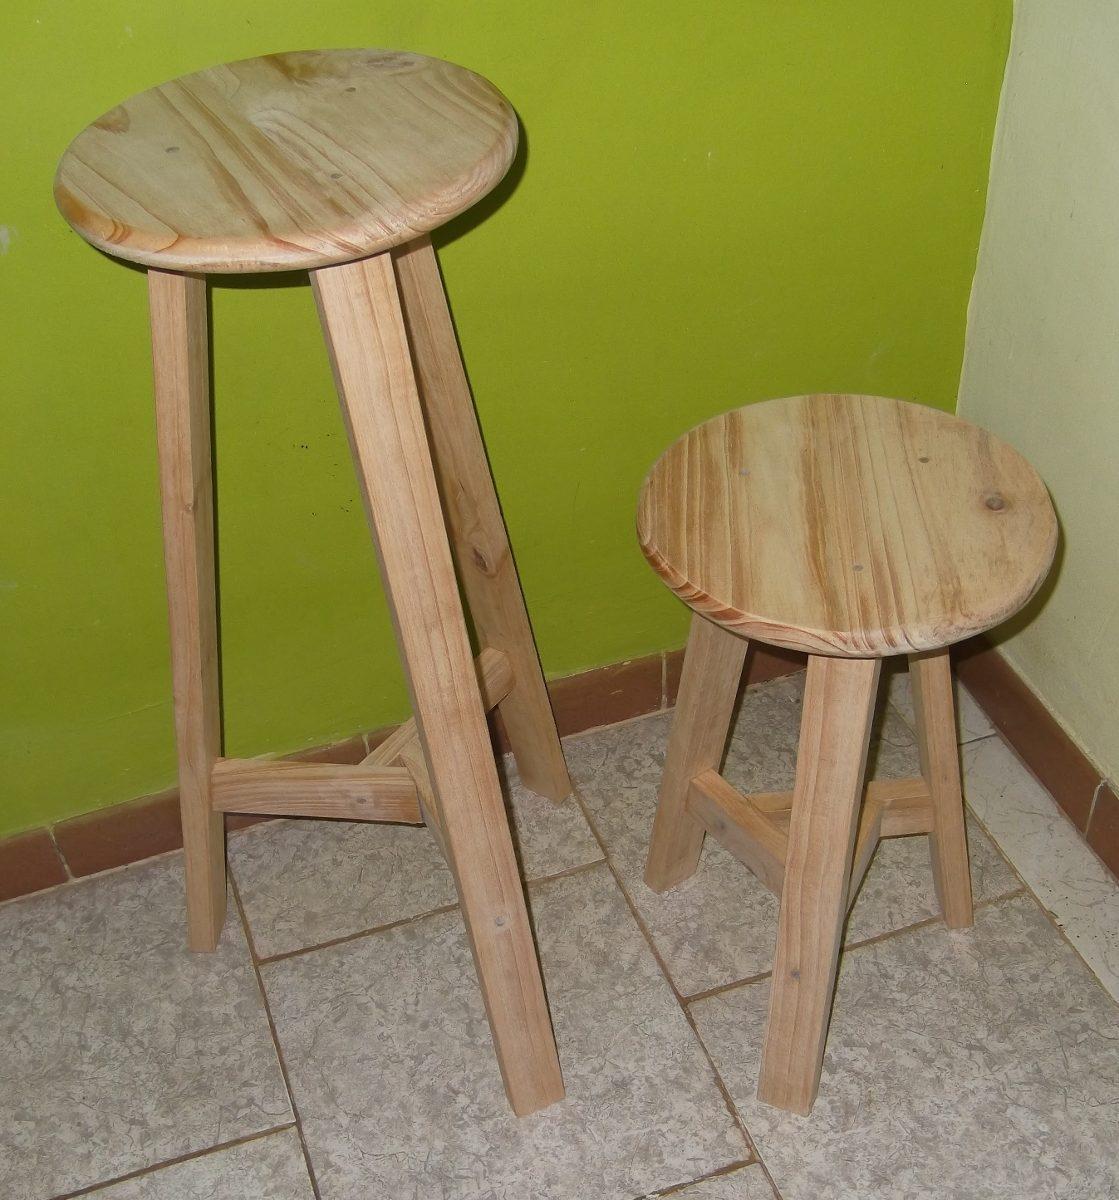 Banco banquito madera de pino cocina barra bar bs 0 - Banco de madera ...